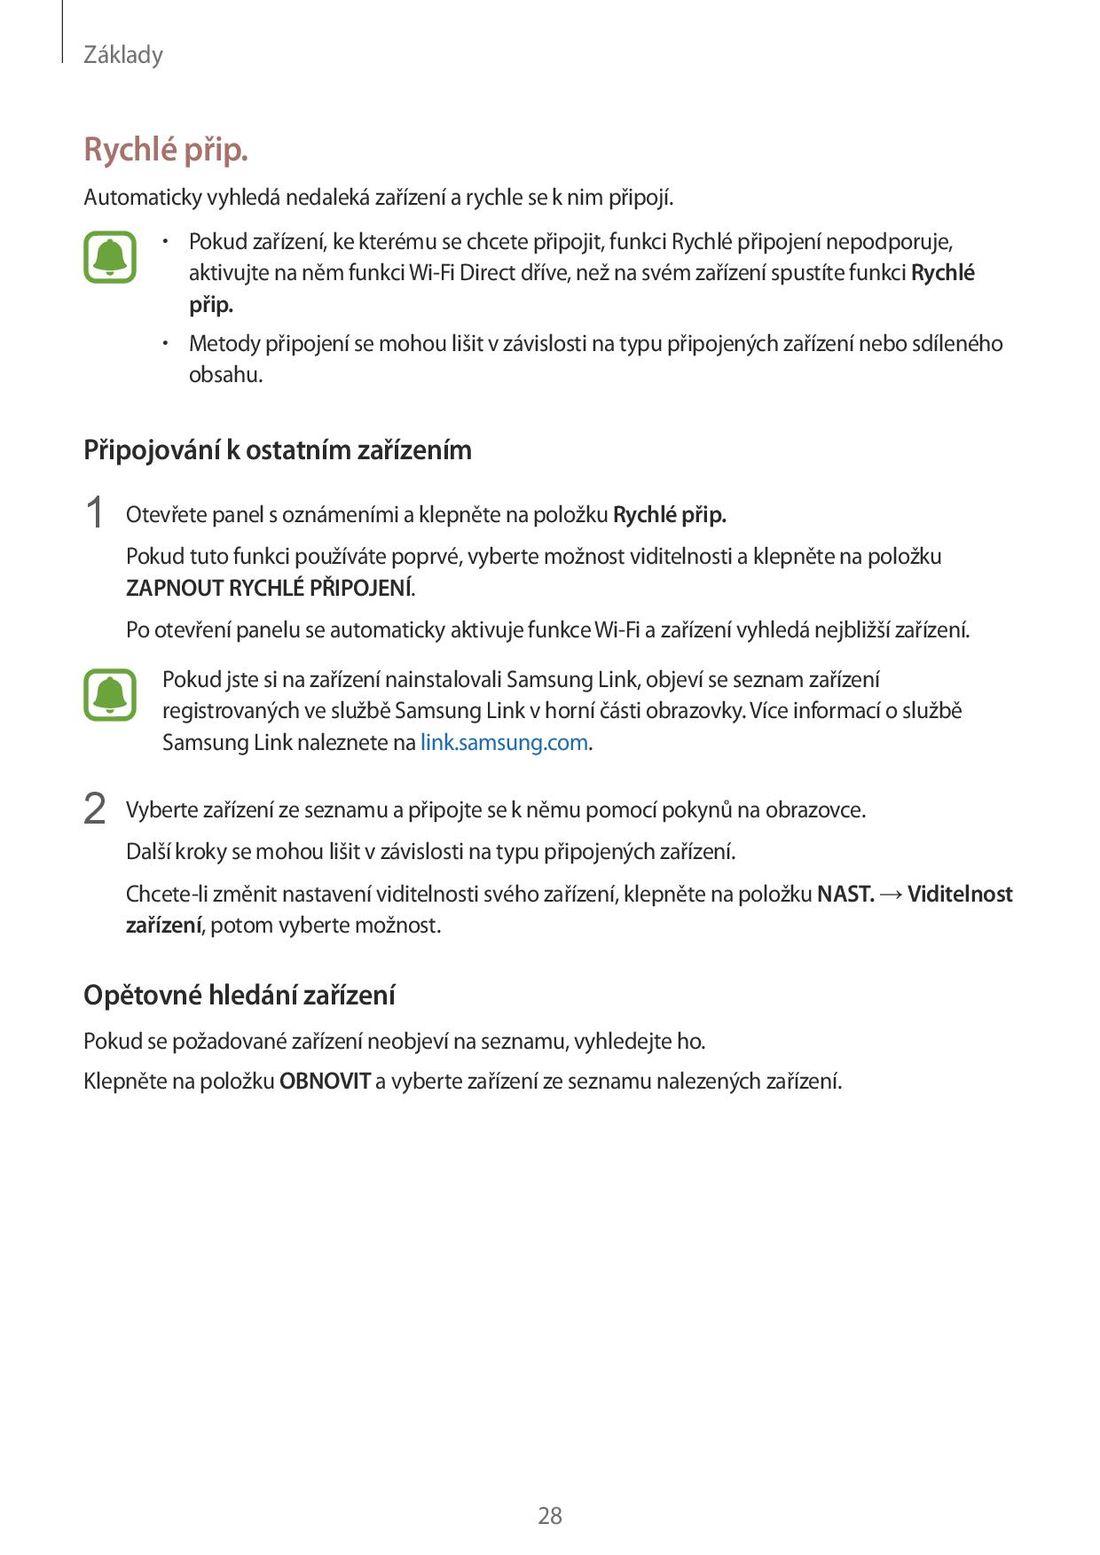 samsung galaxy a5 manual pdf